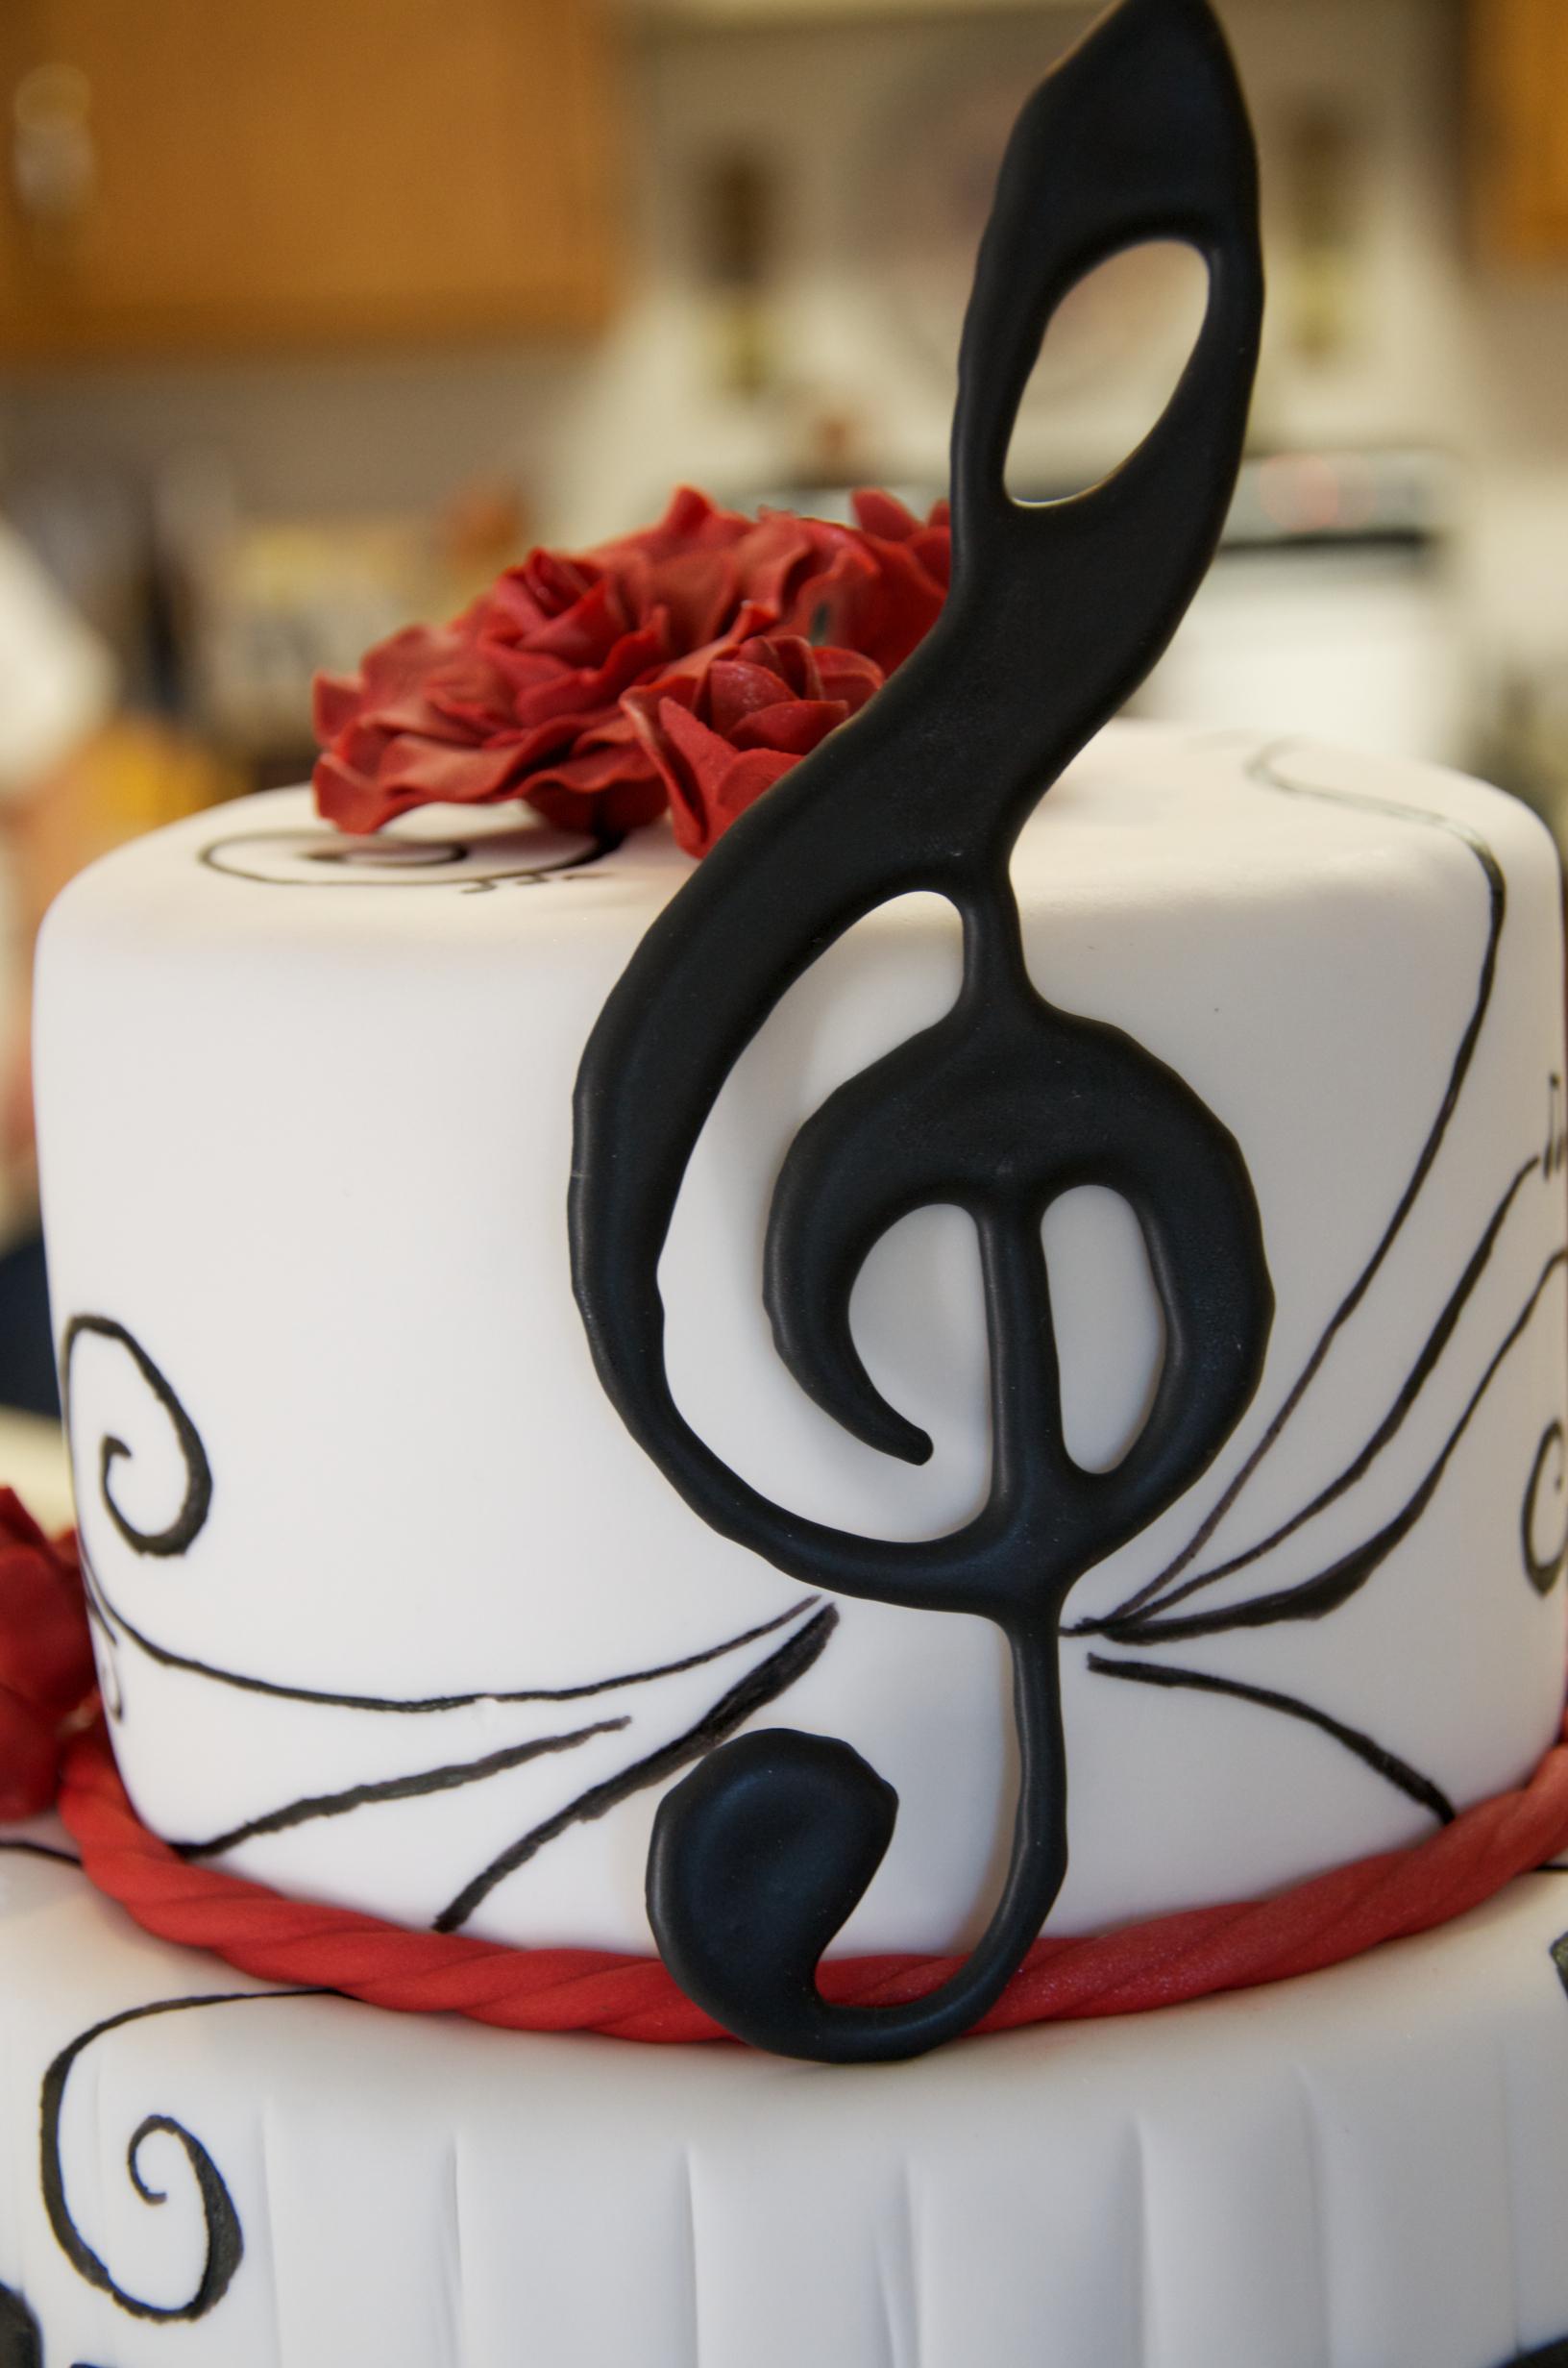 9 Birthday Cakes Music Symbols Photo Music Note Birthday Cake Red